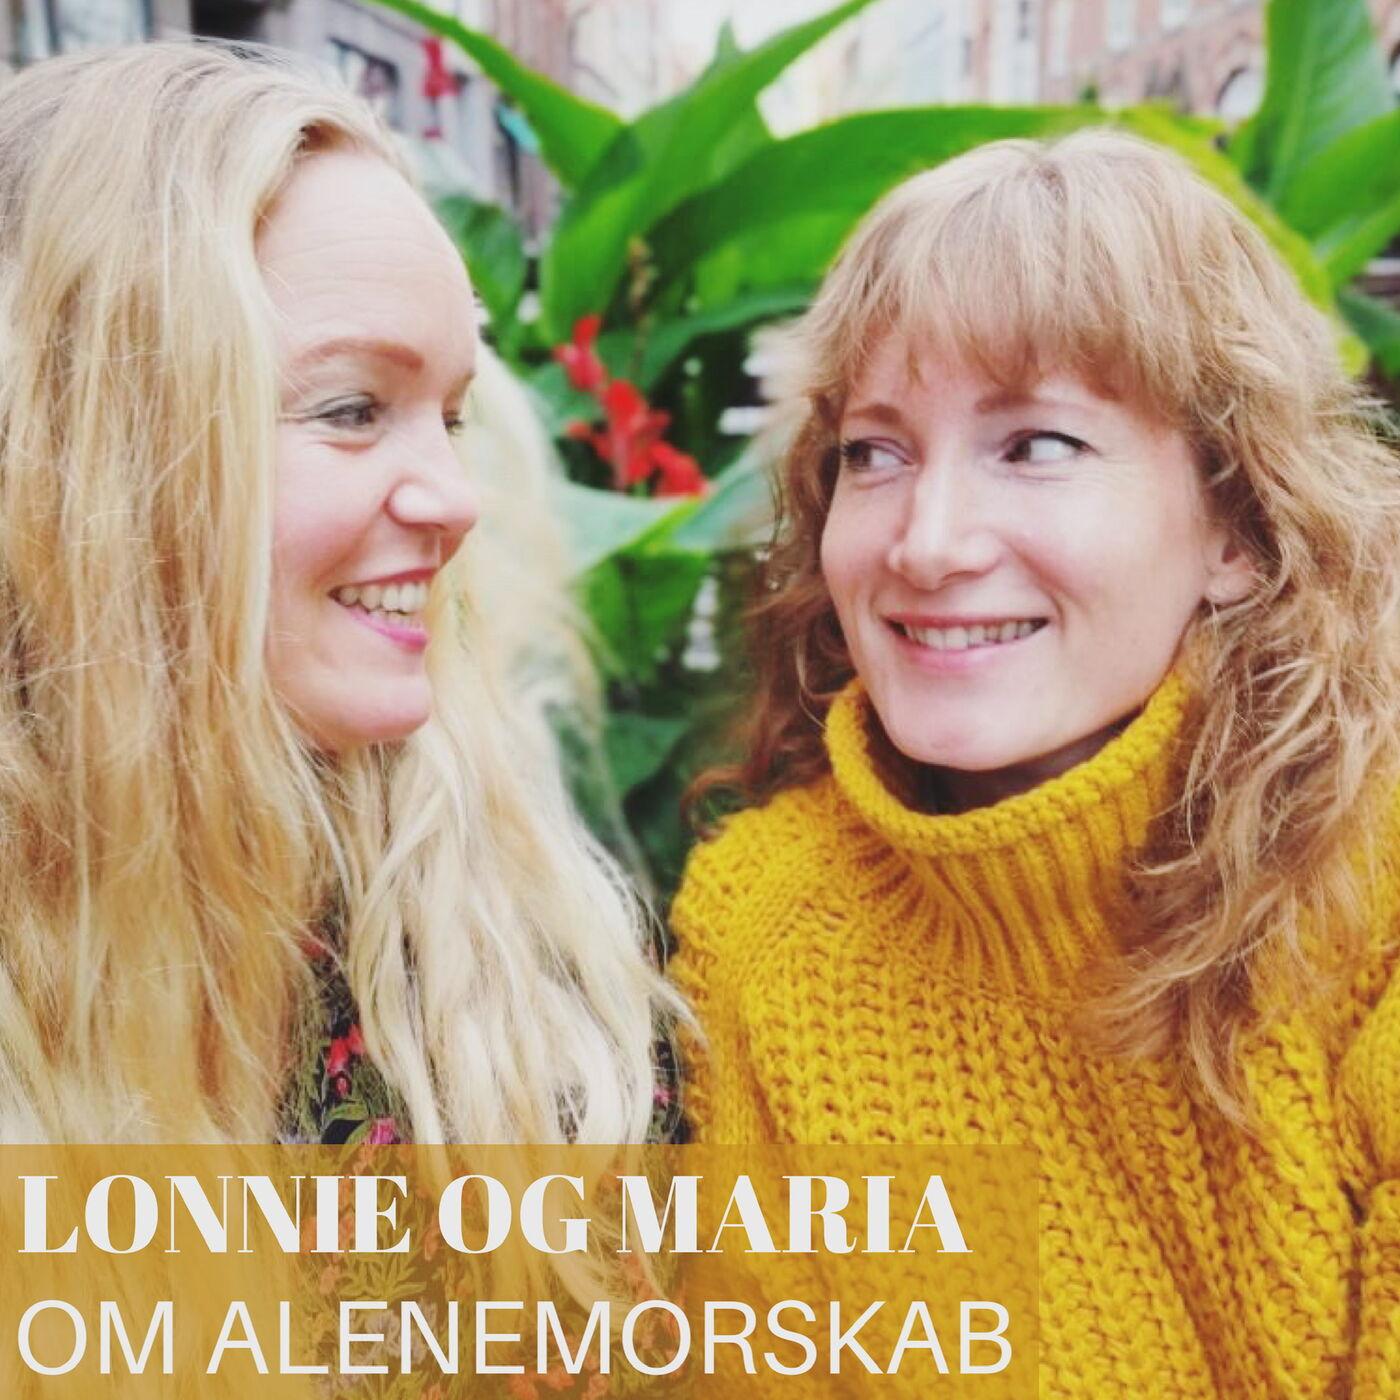 Om Alenemorskab med Lonnie Pedersen og Maria Dønkjær